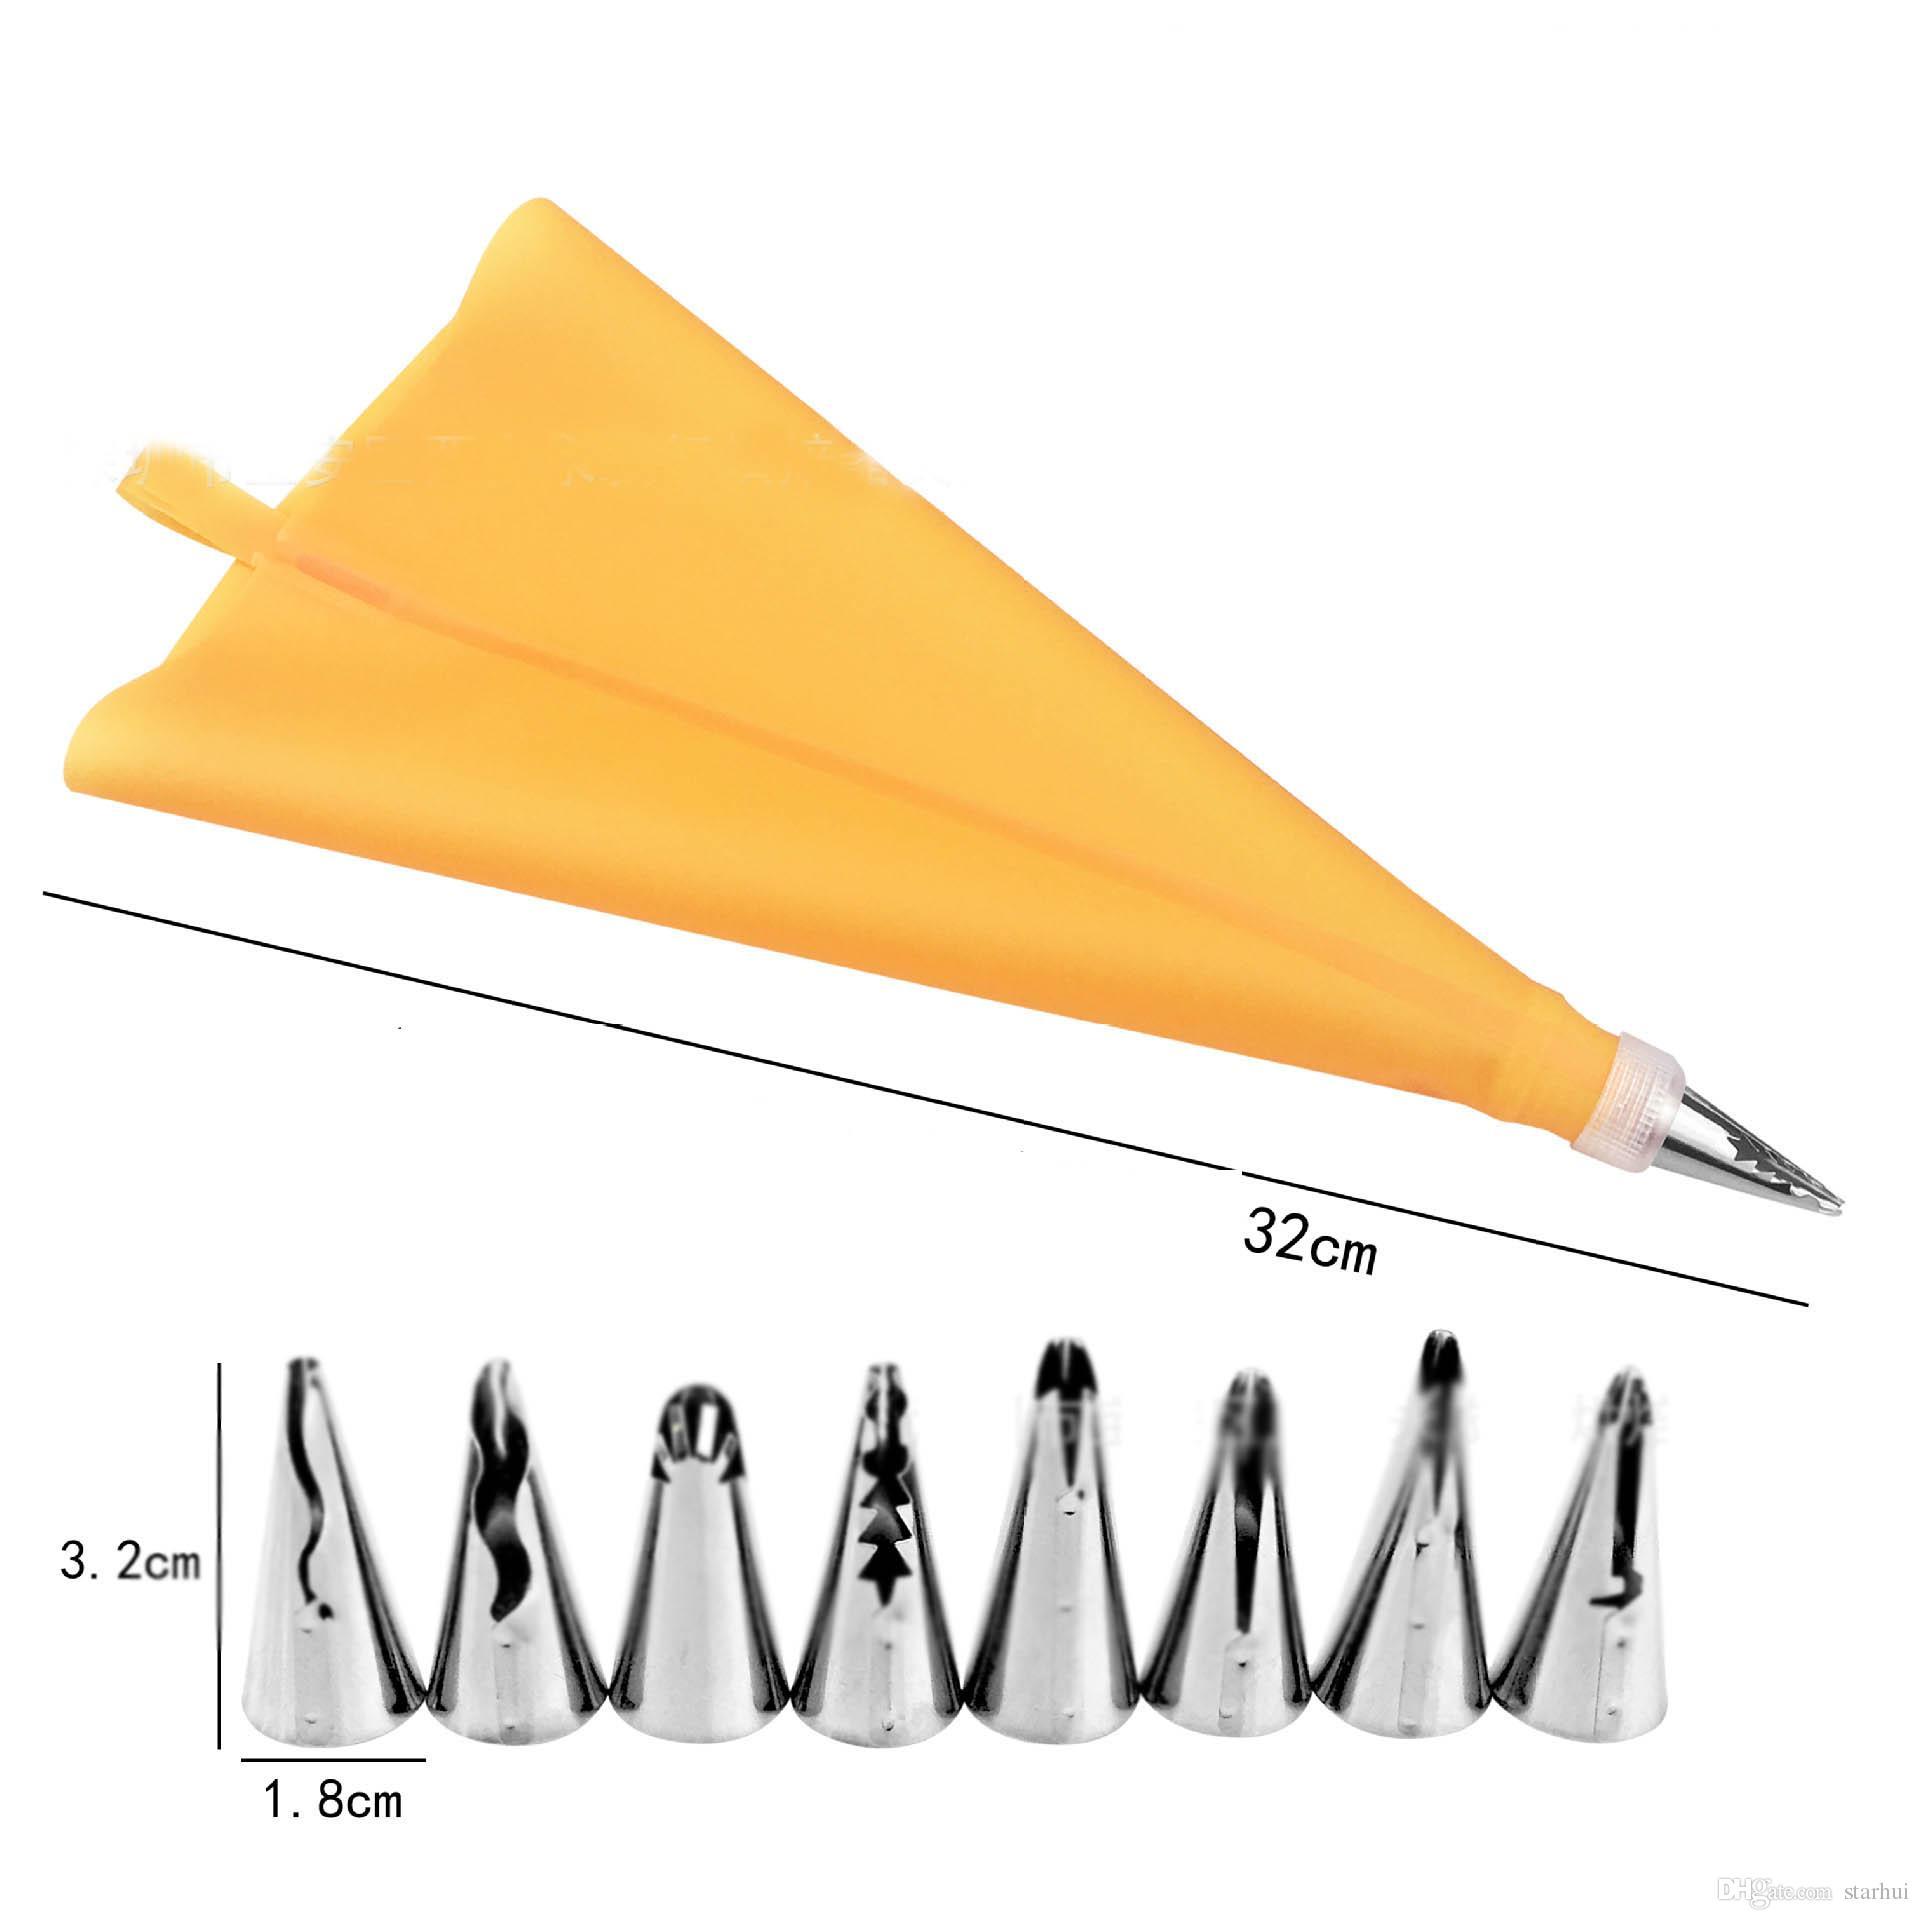 10 pezzi / Set Punte di cottura della torta della pasticceria di DIY Set Tool 8 punte dell'ugello + 1 sacchetto della pasticceria + 1 convertitore che decora il corredo dei rifornimenti WX9-300